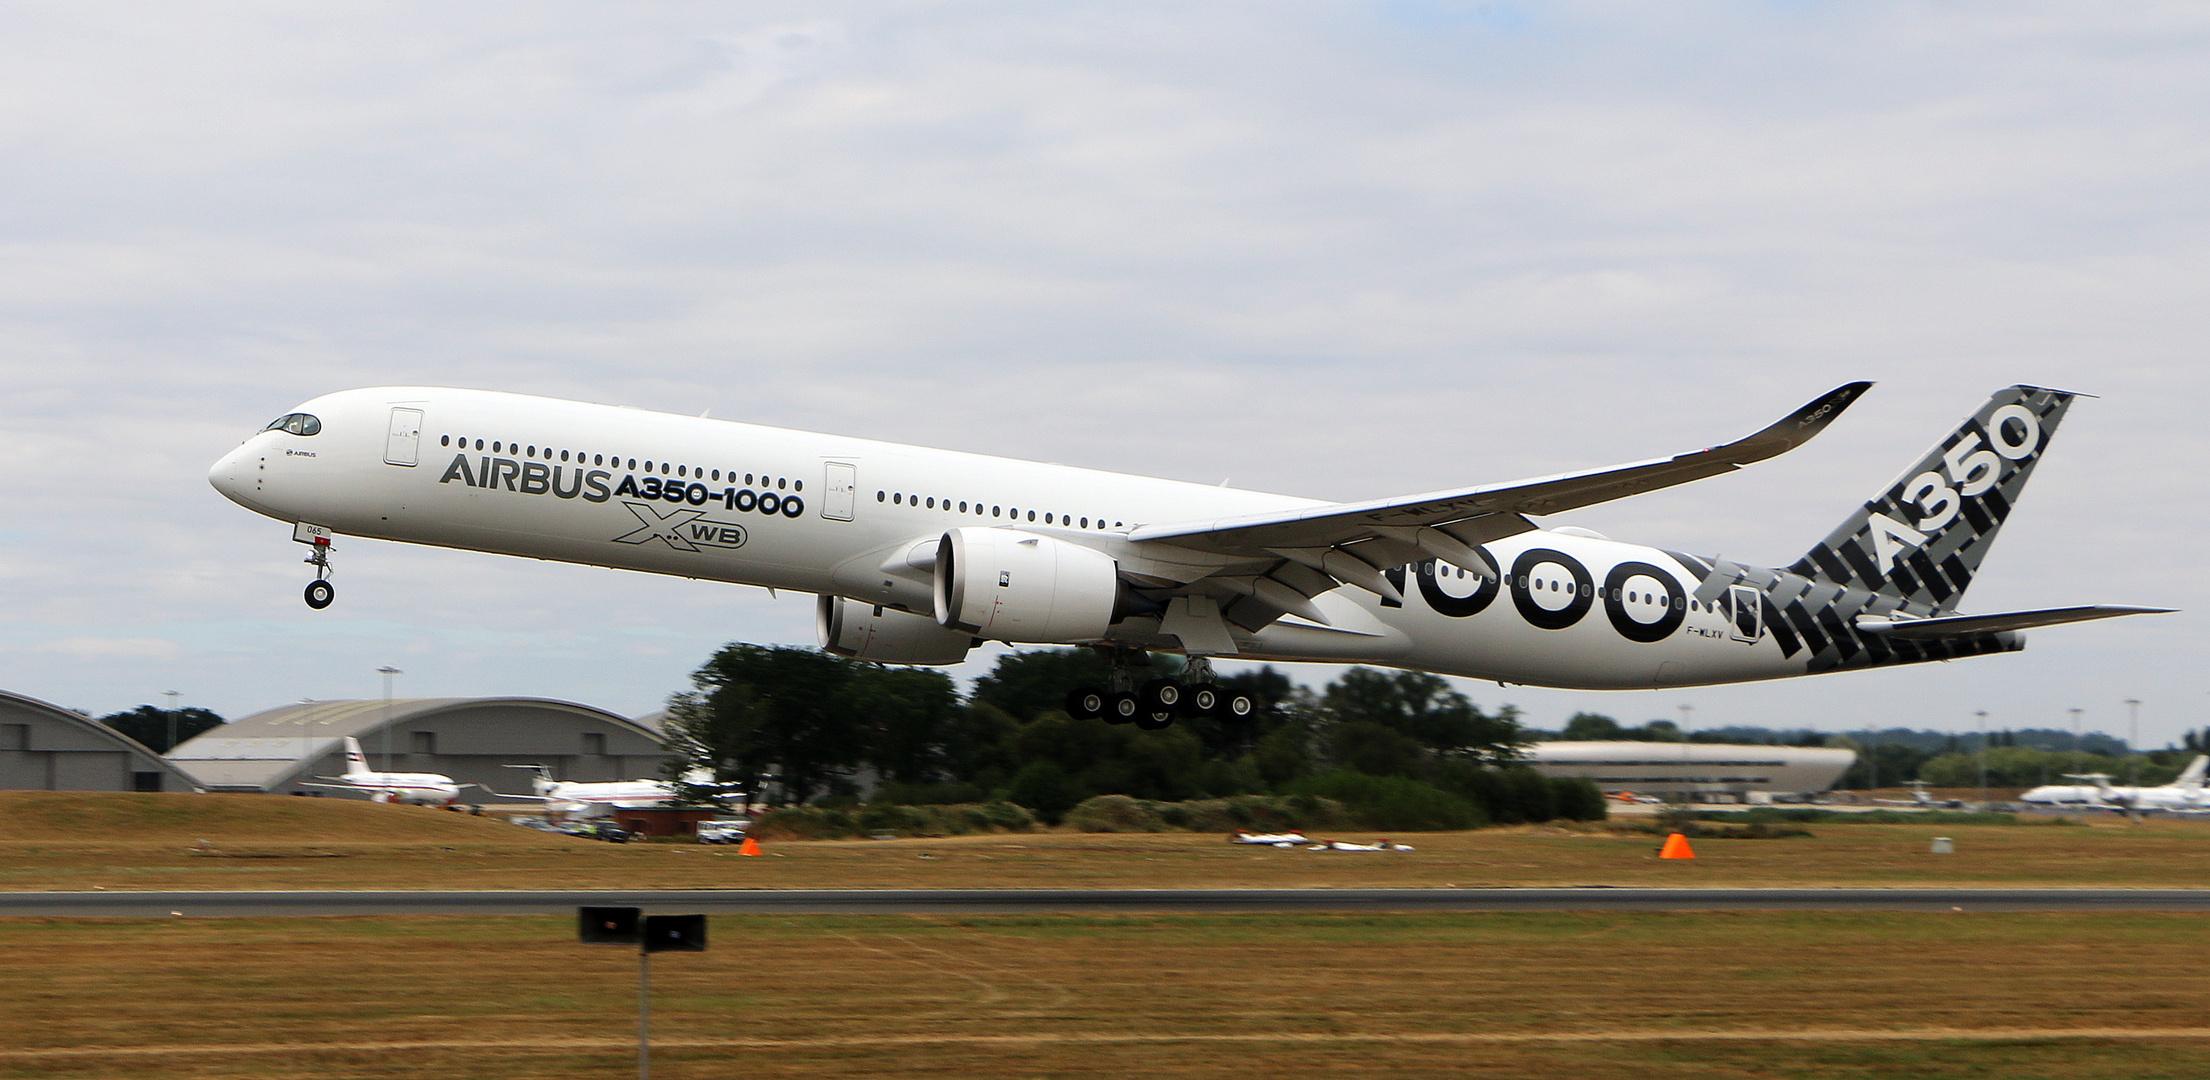 Airbus A350-1000 XWB / F-WLXV